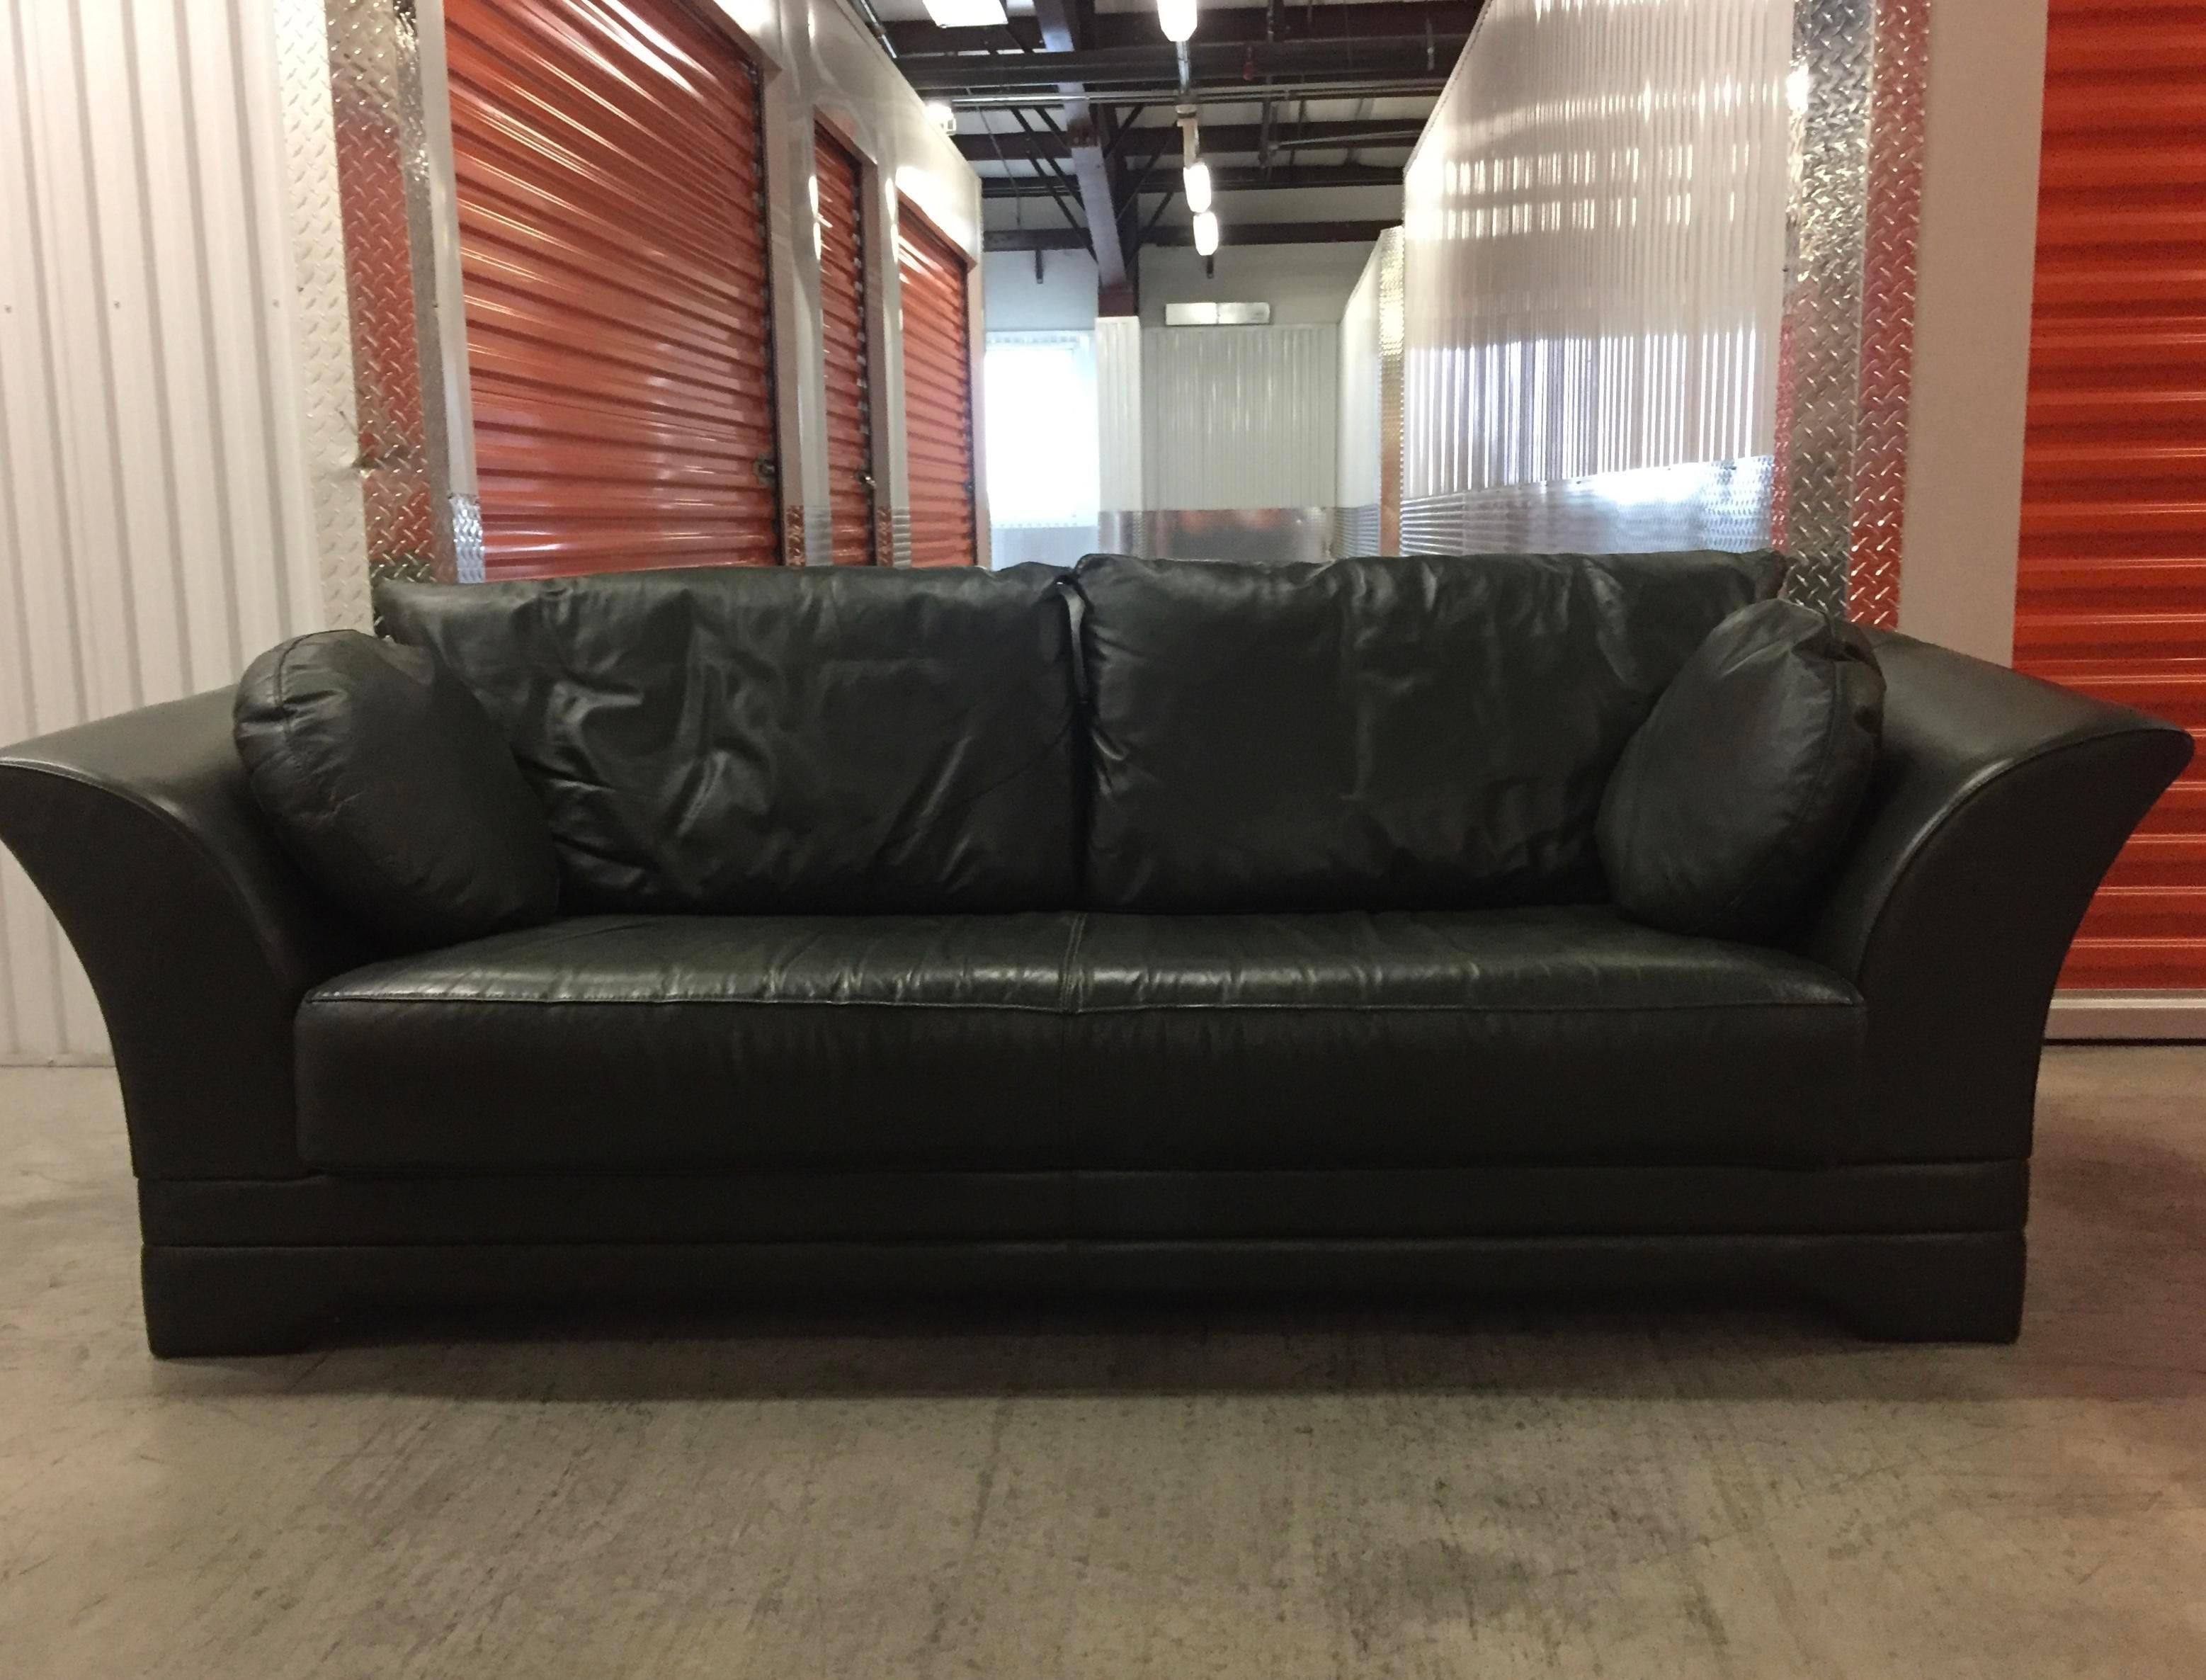 molinari italian leather sofa image 2 of 7